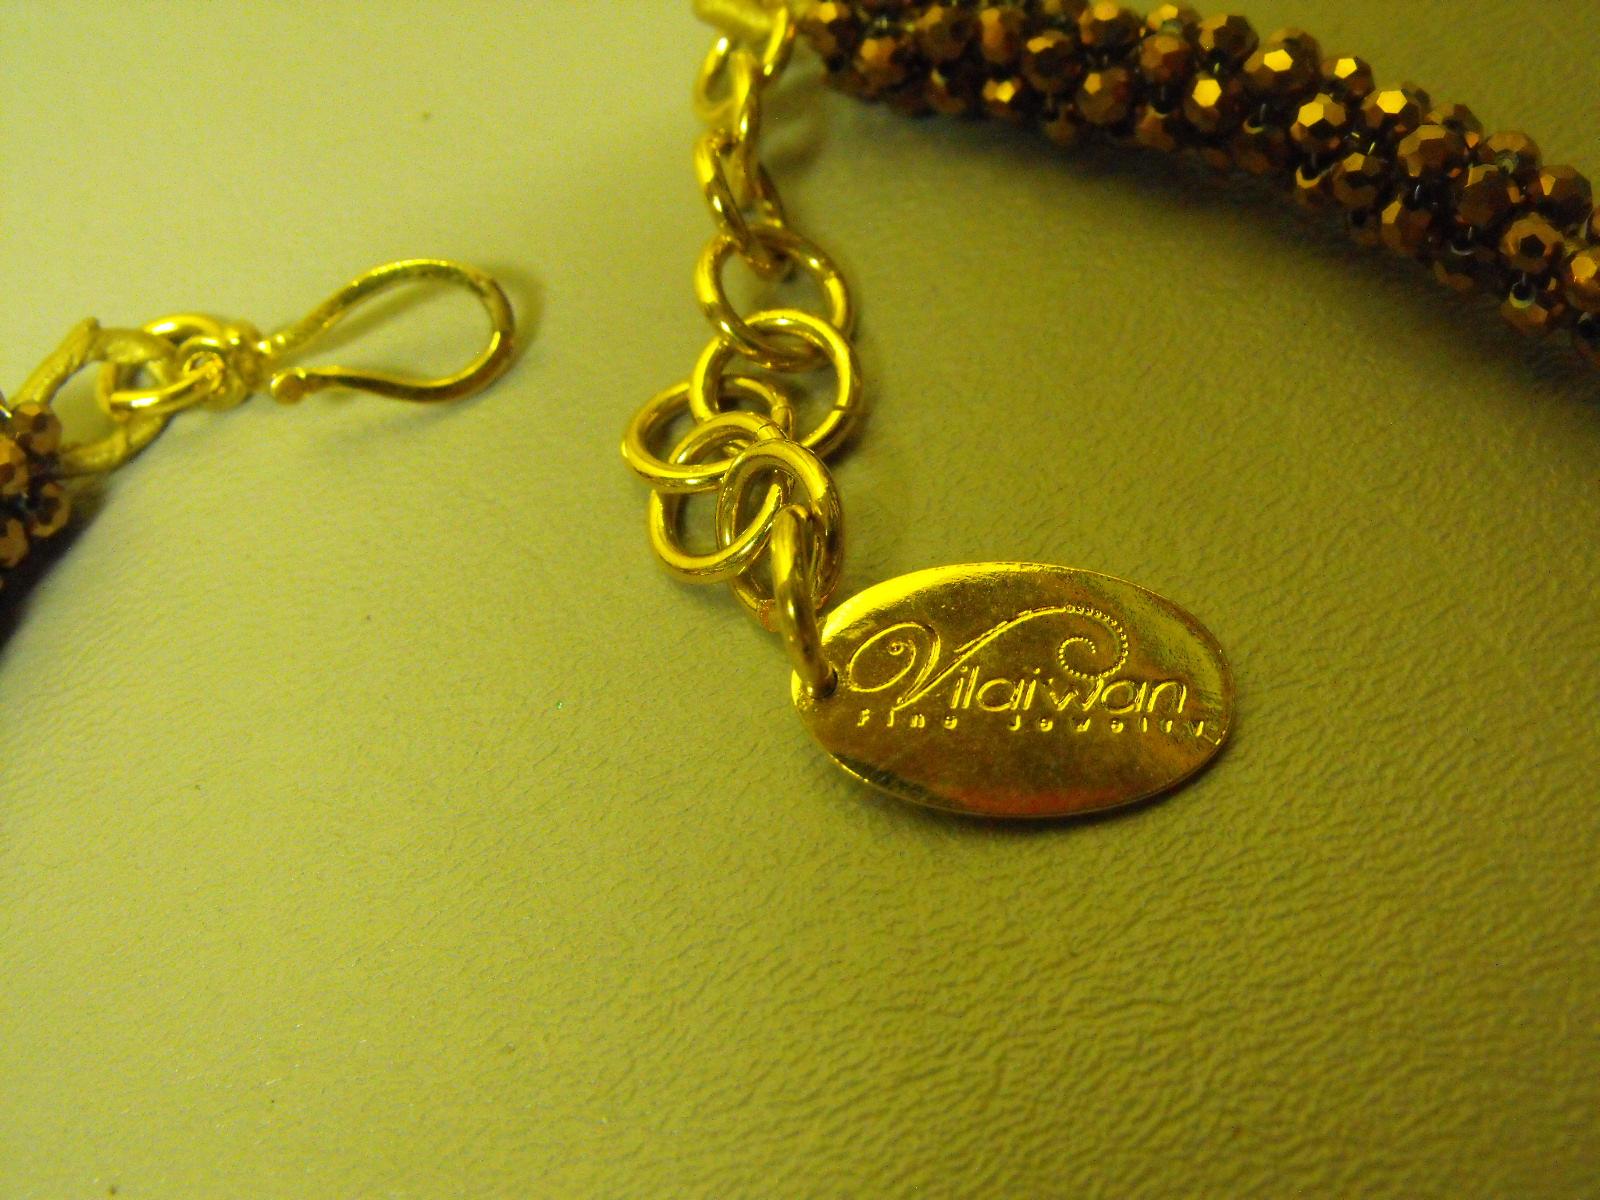 j vilaiwan gold amp pearl designer necklace clive�s